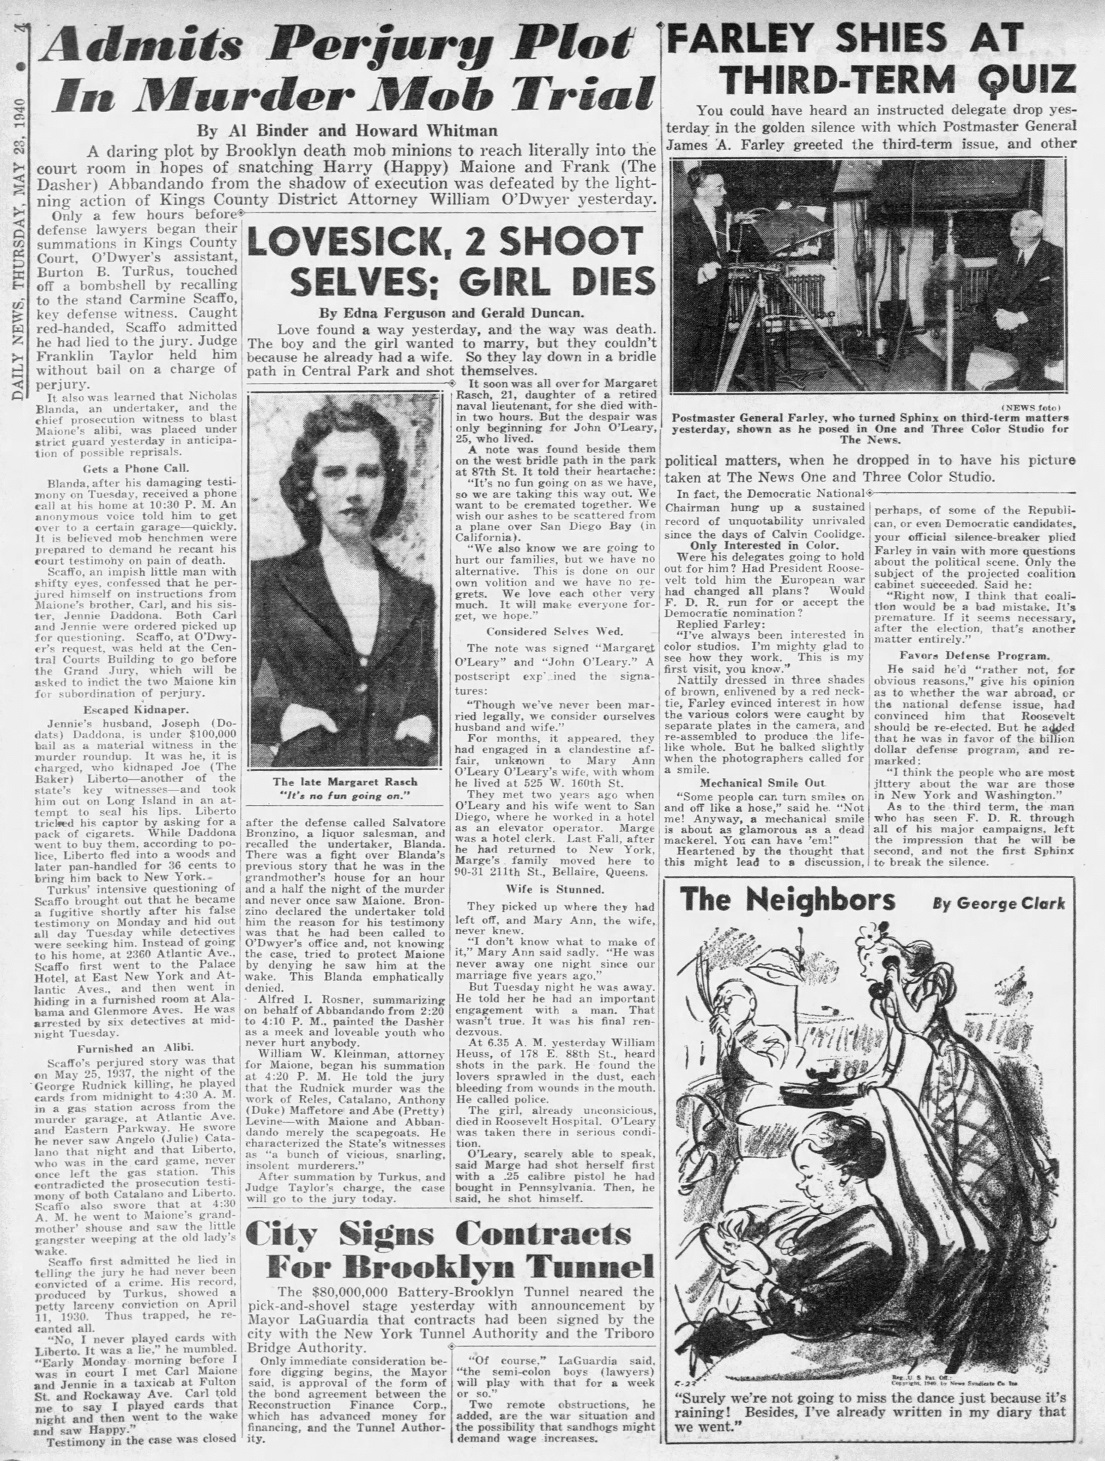 Daily_News_Thu__May_23__1940_.jpg